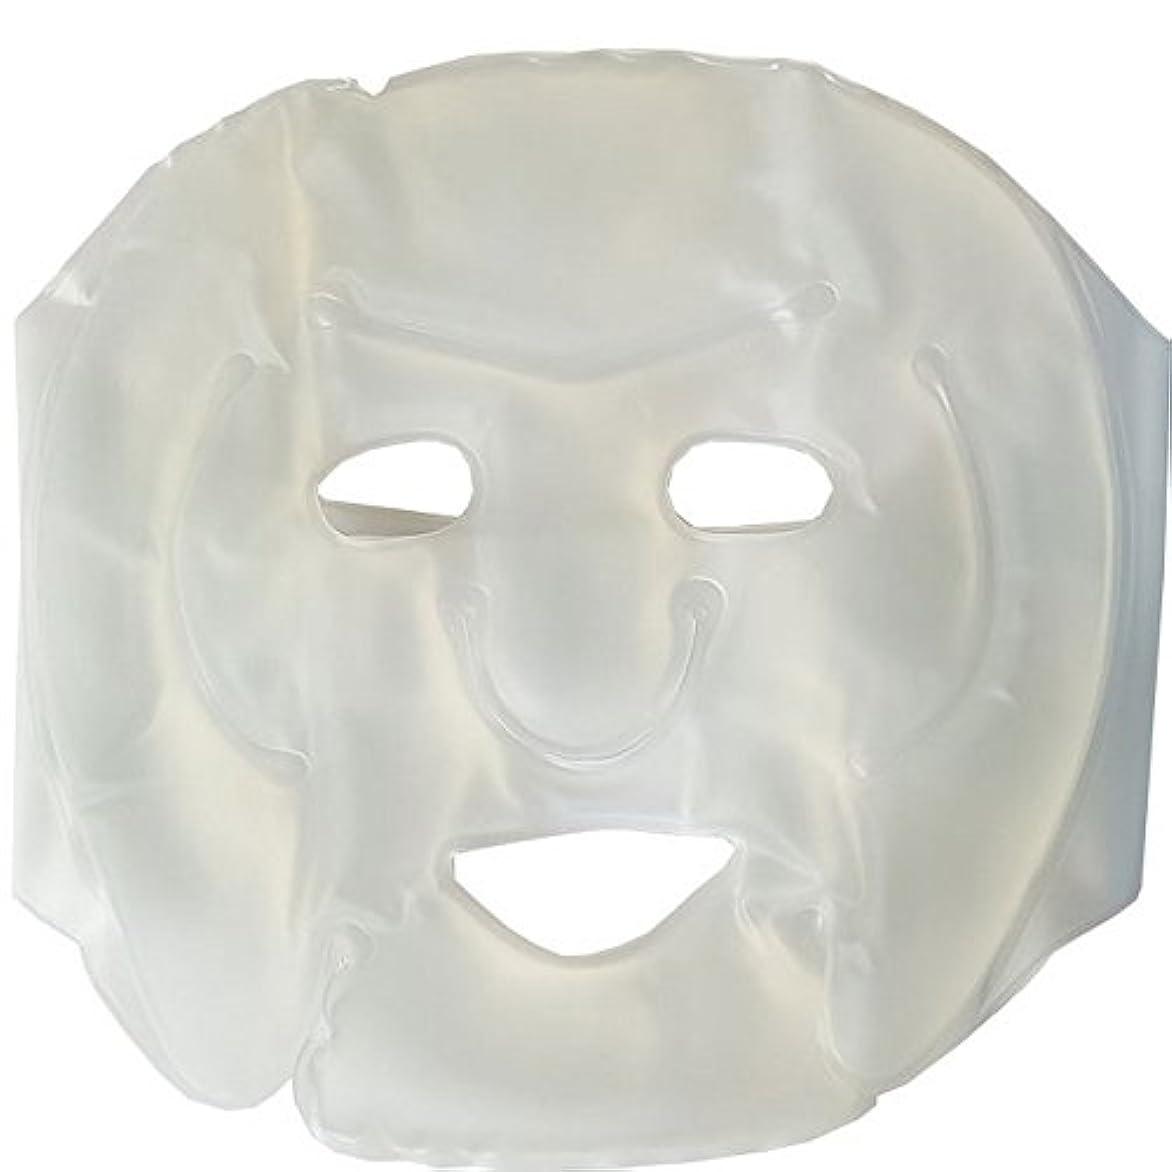 オンス水曜日厚さMDP 顔マッサージジェルマスク アイスジェルパック 冷却パック アイスマスク アイスパック レーザー後の鎮静に グリーン